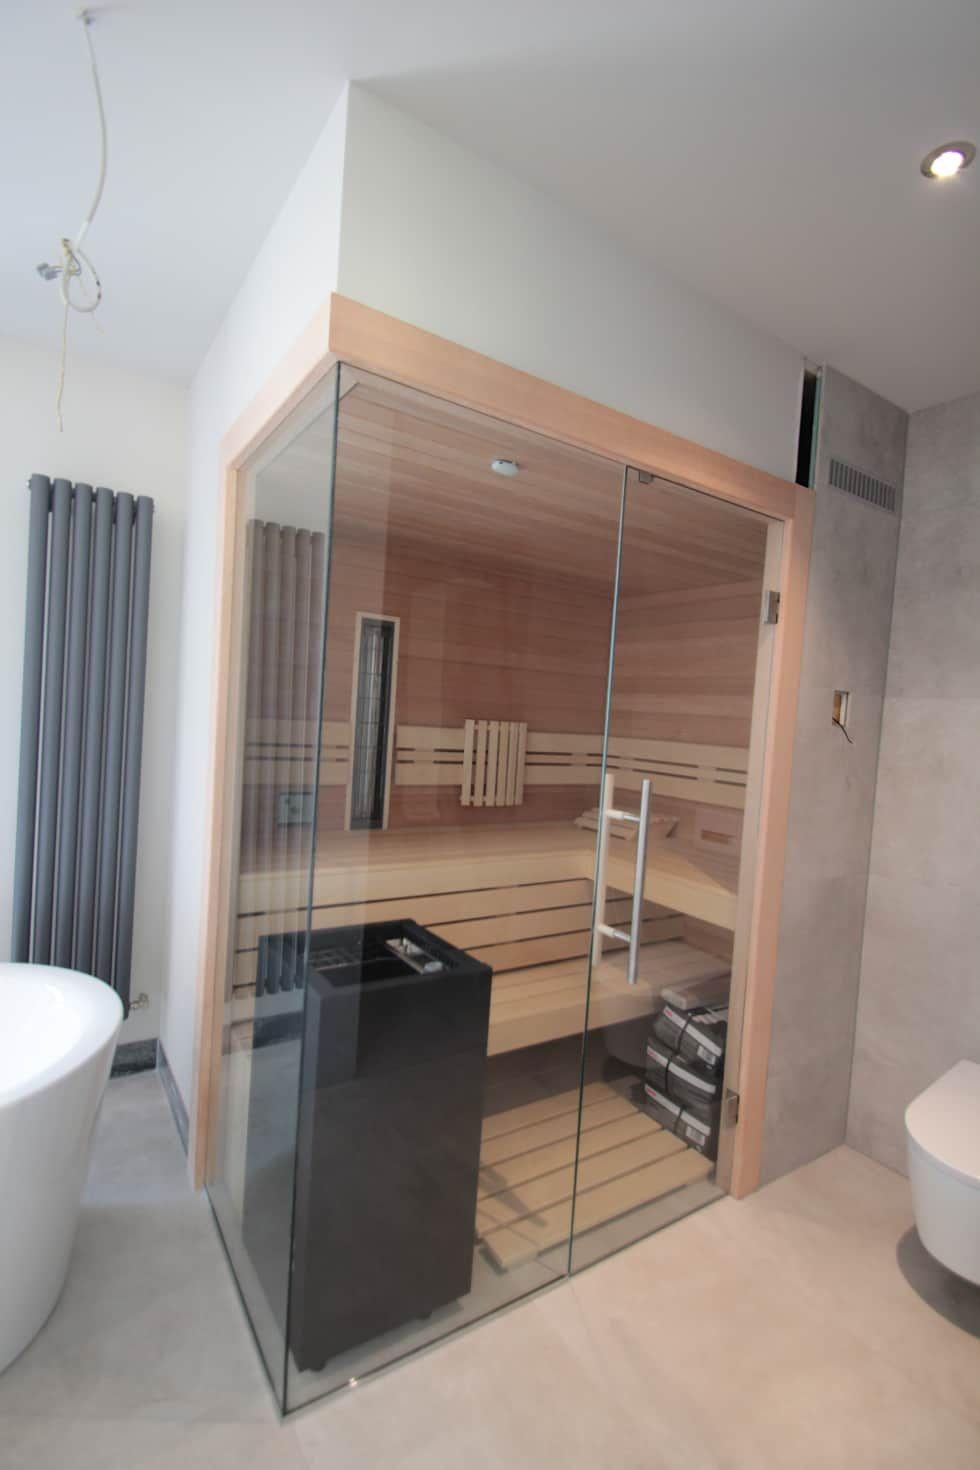 Haus badezimmer design wohnideen interior design einrichtungsideen u bilder  saunas